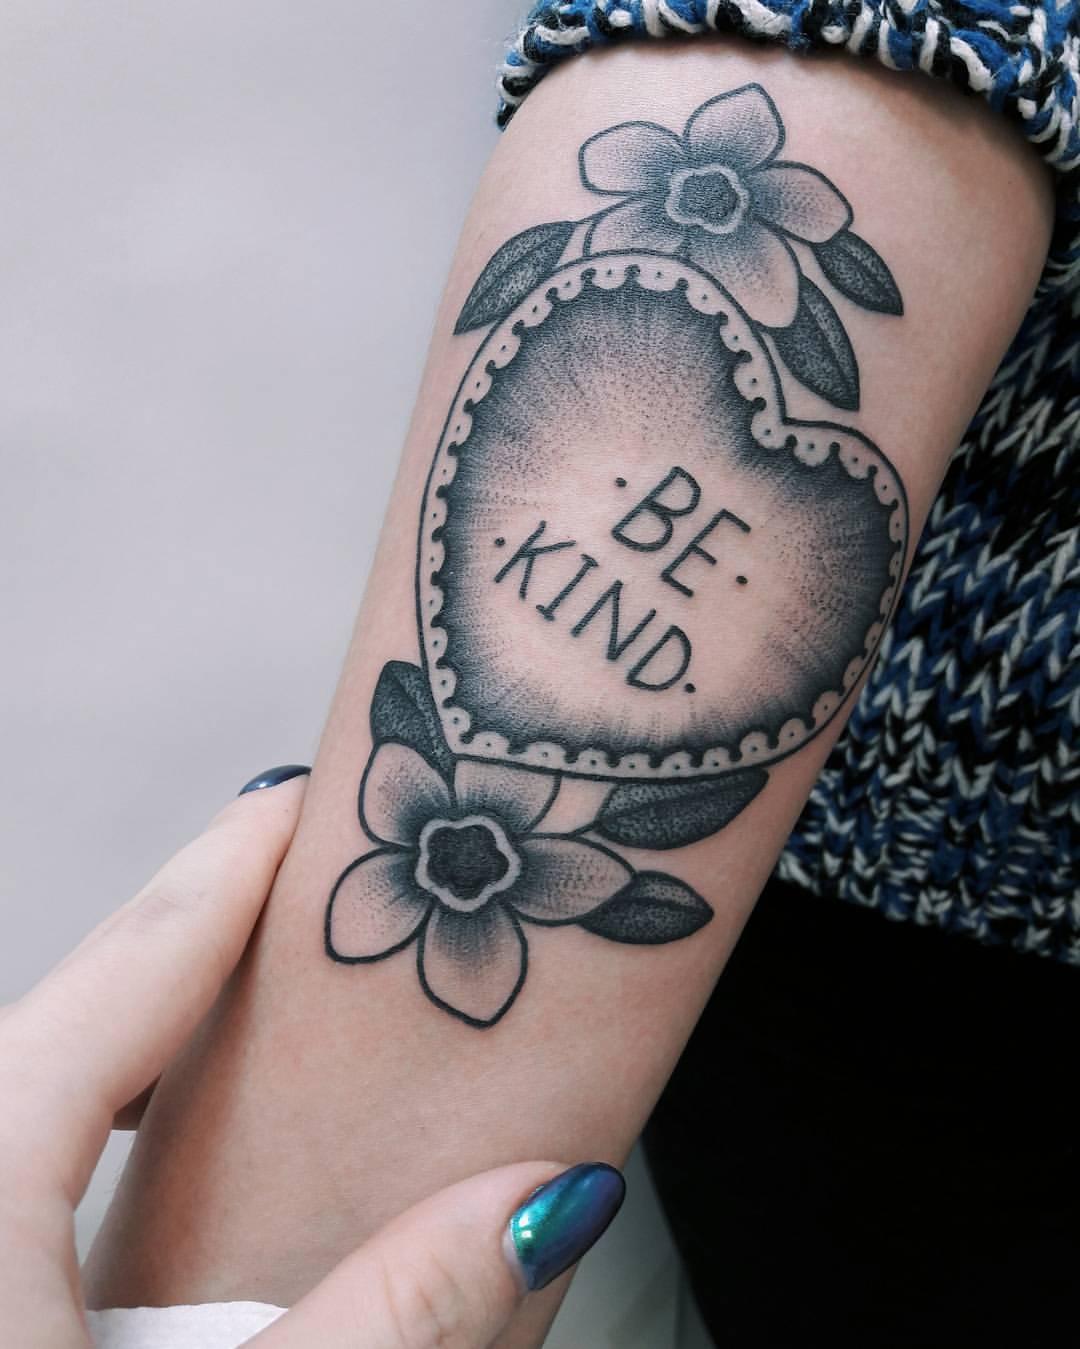 Художественная татуировка «Be Kind». Мастер Анастасия Куликова